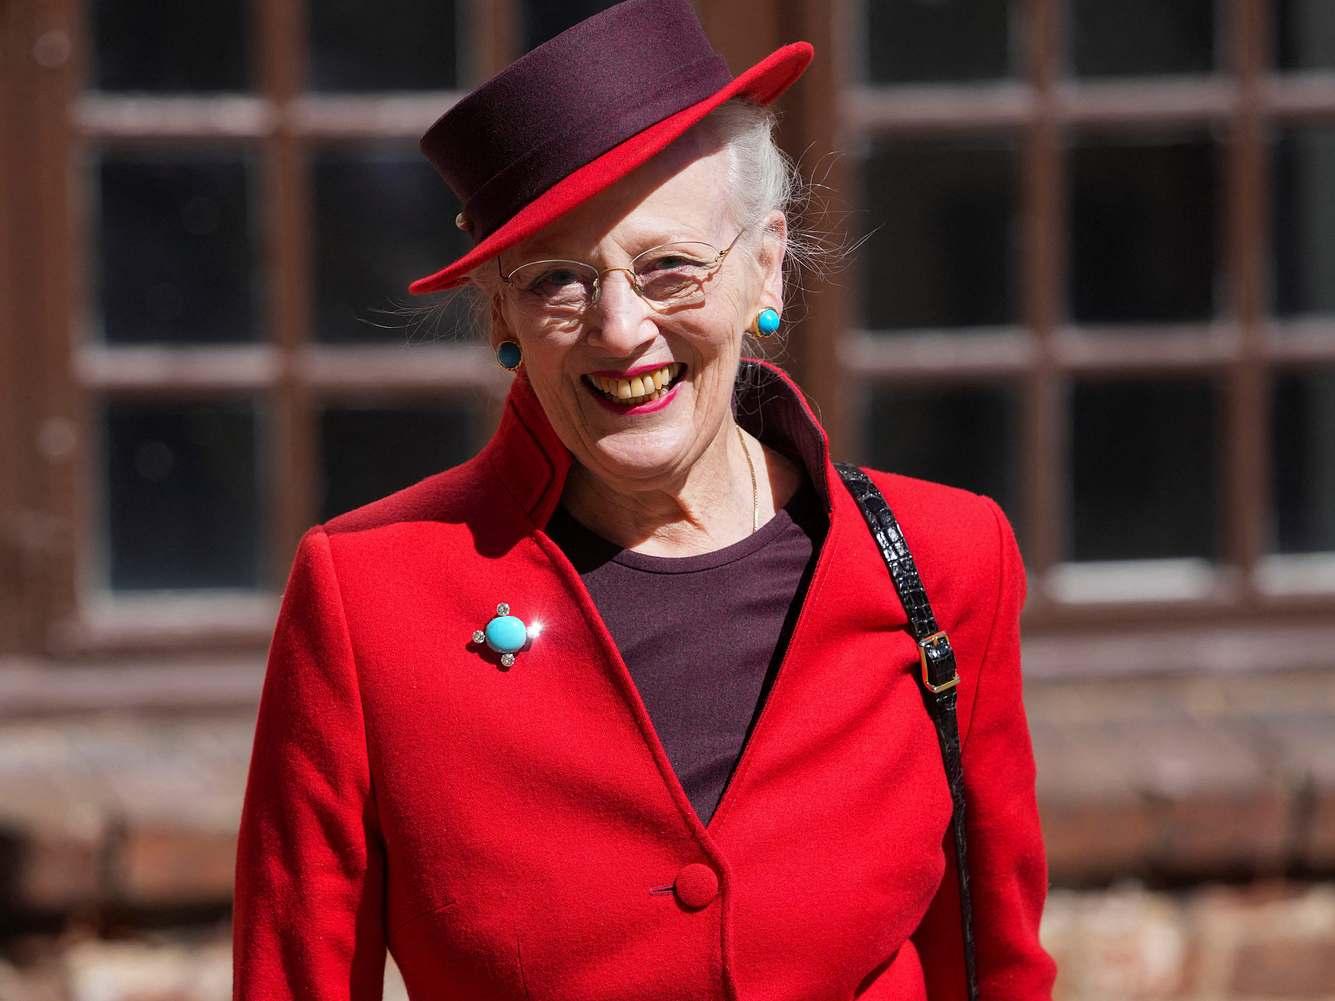 Königin Margrethe strahlt bei ihrem Auftritt am 23. April 2021.